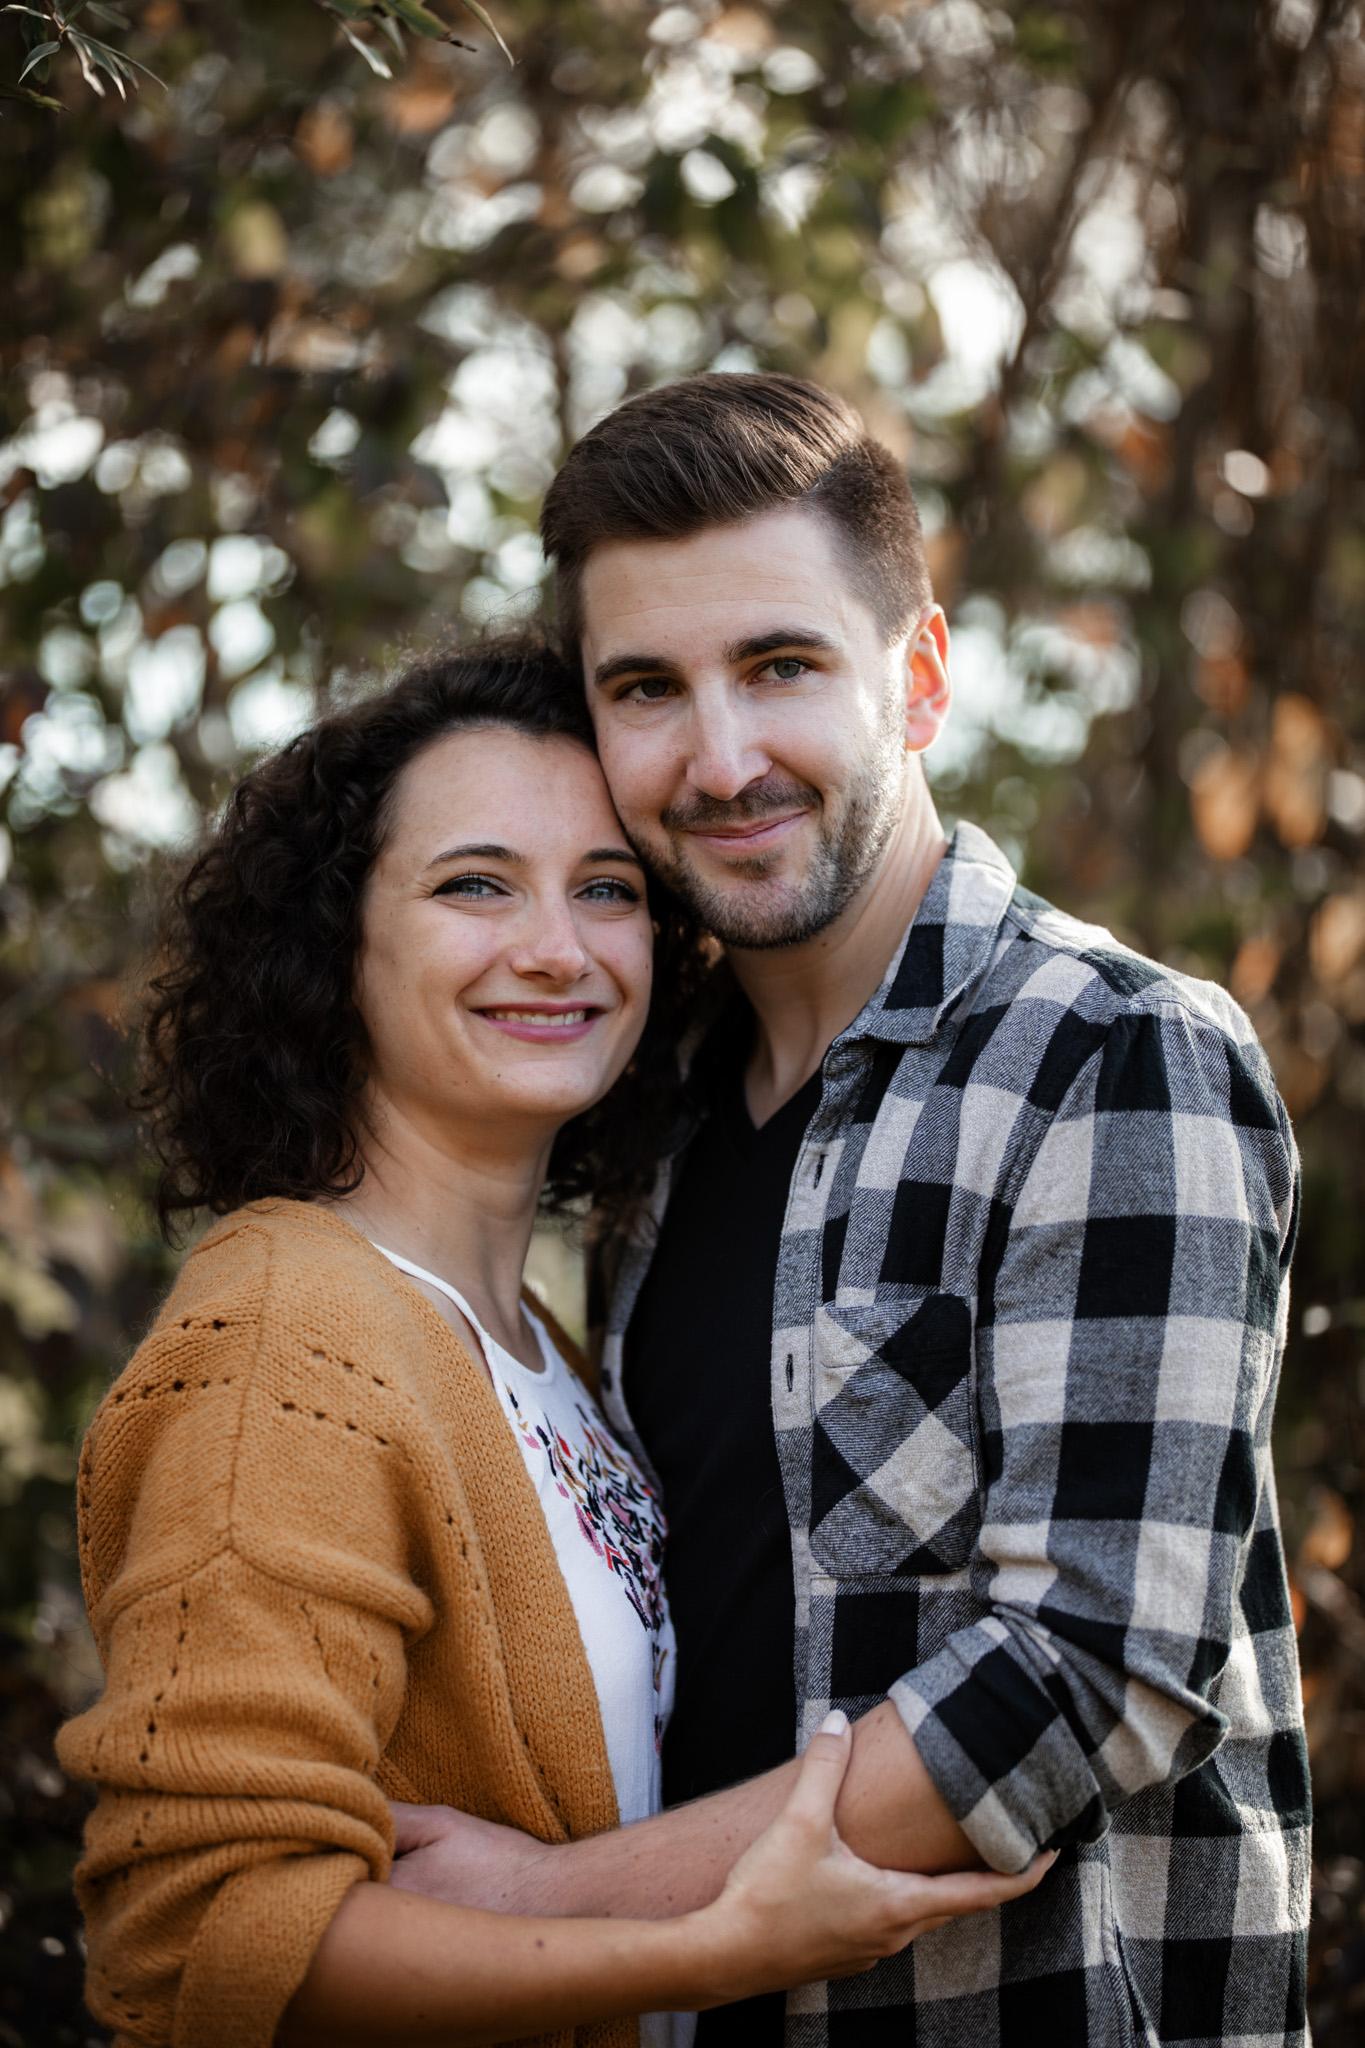 Paarfotos in Undenheim: Sarah und Patrick 5